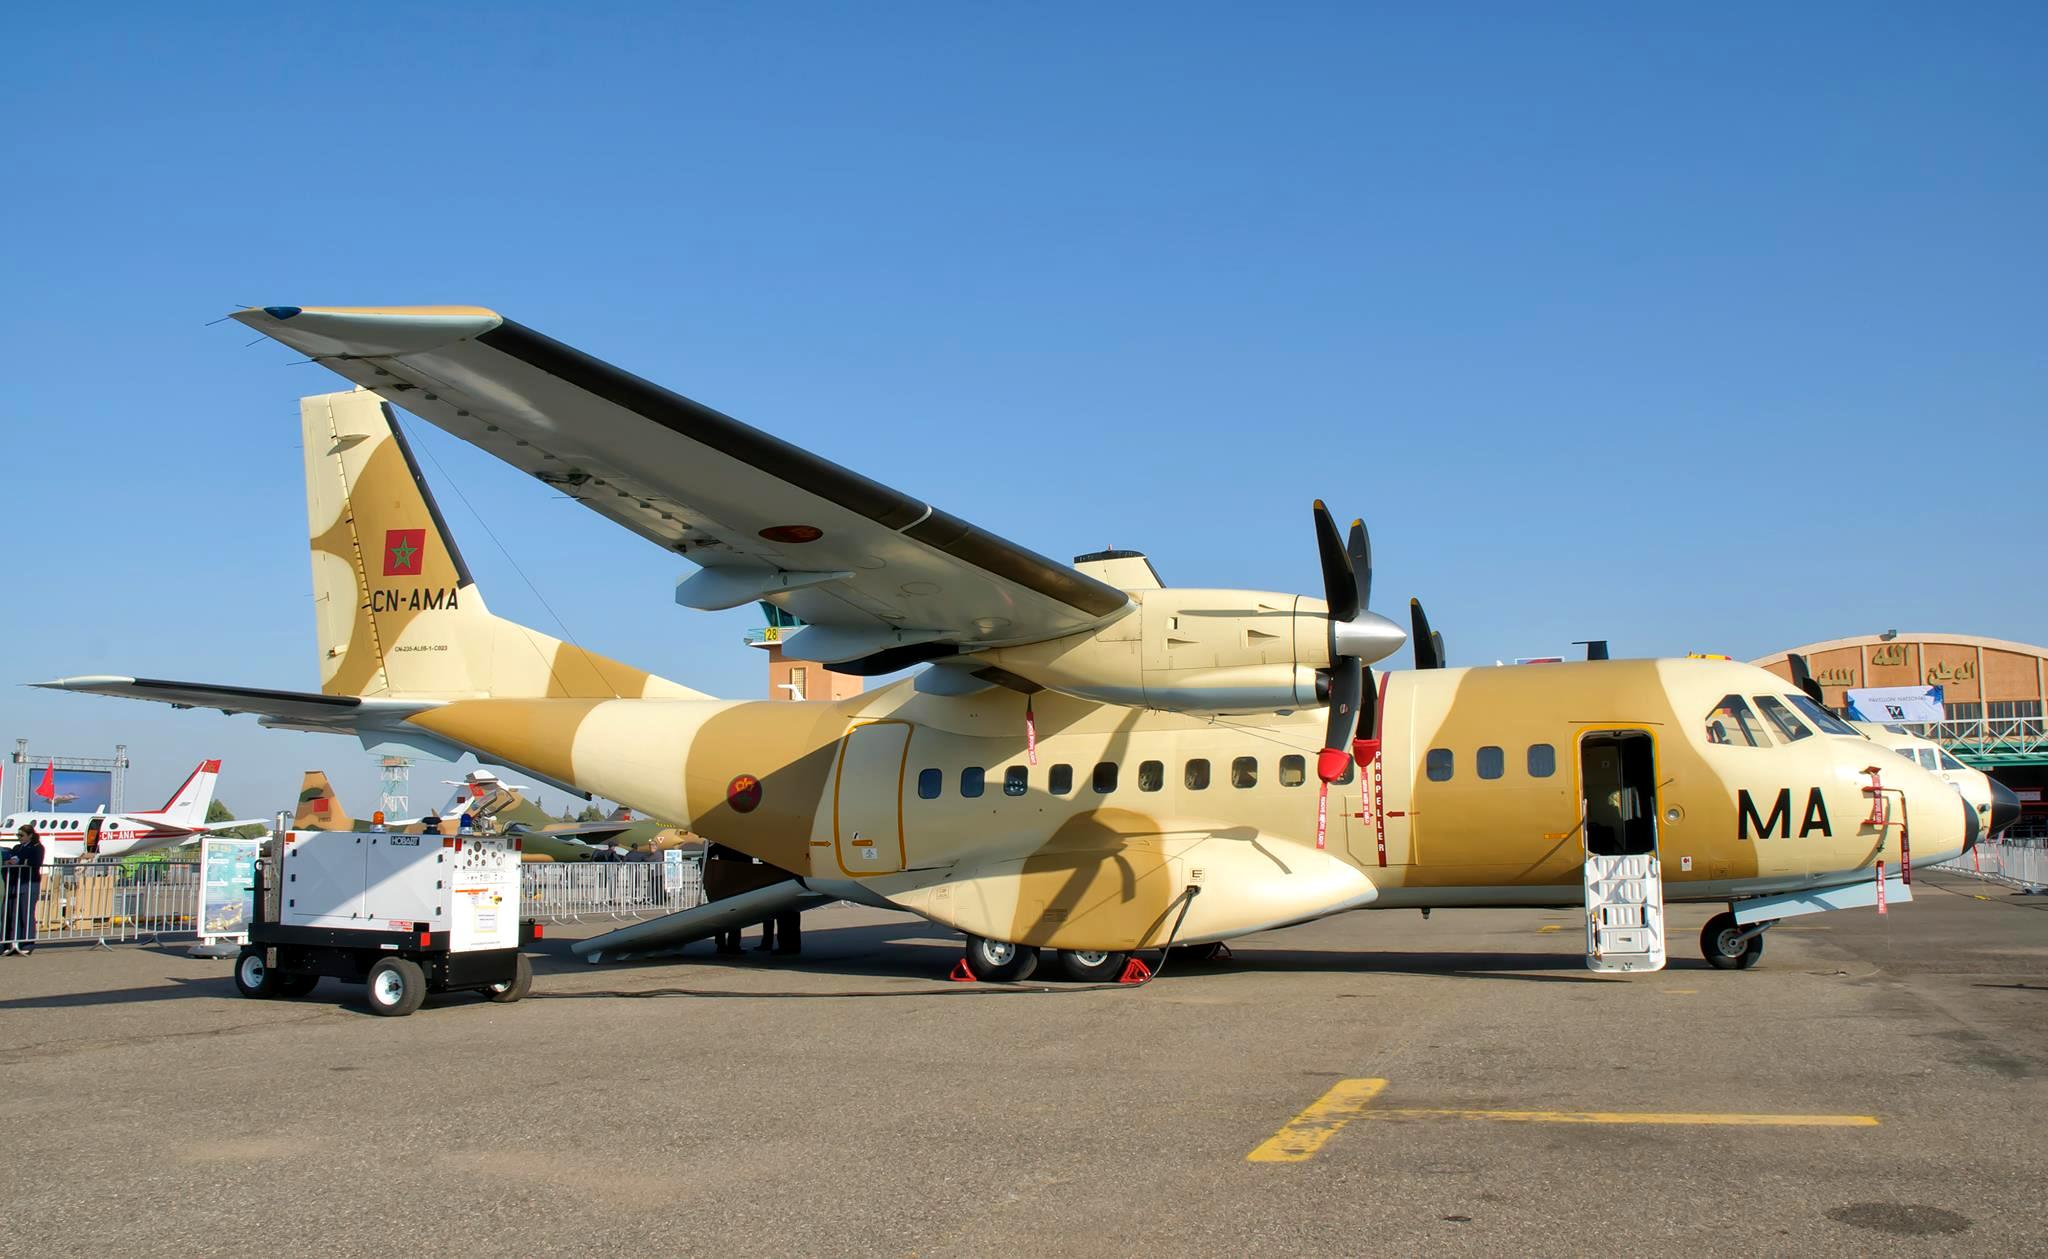 FRA: Photos d'avions de transport - Page 25 160202013912328784